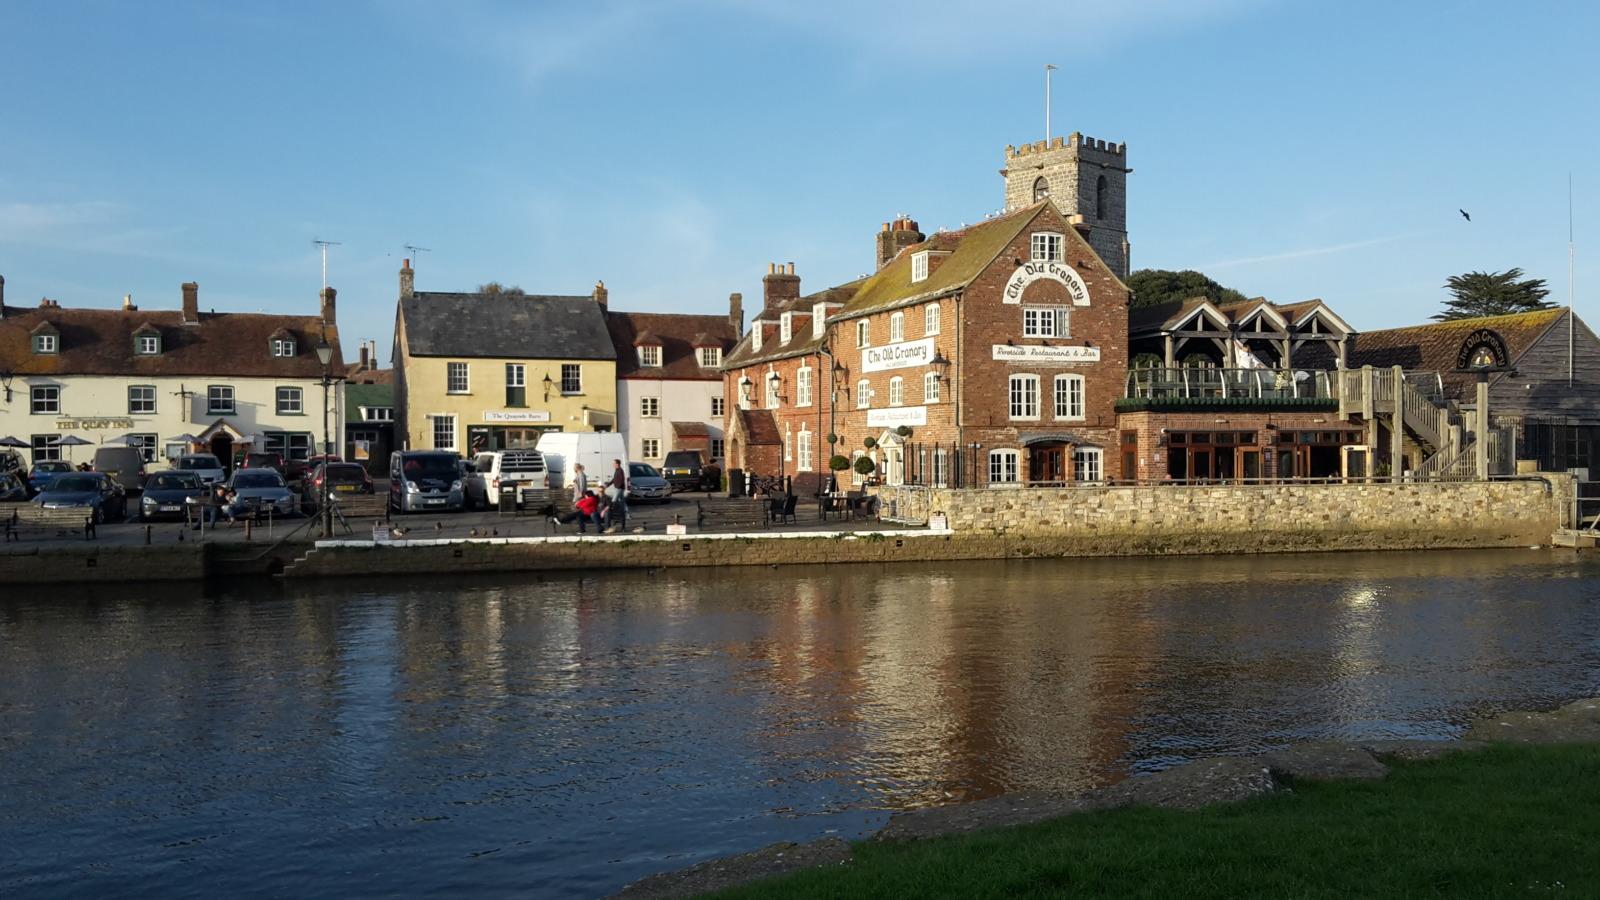 Quay at Wareham